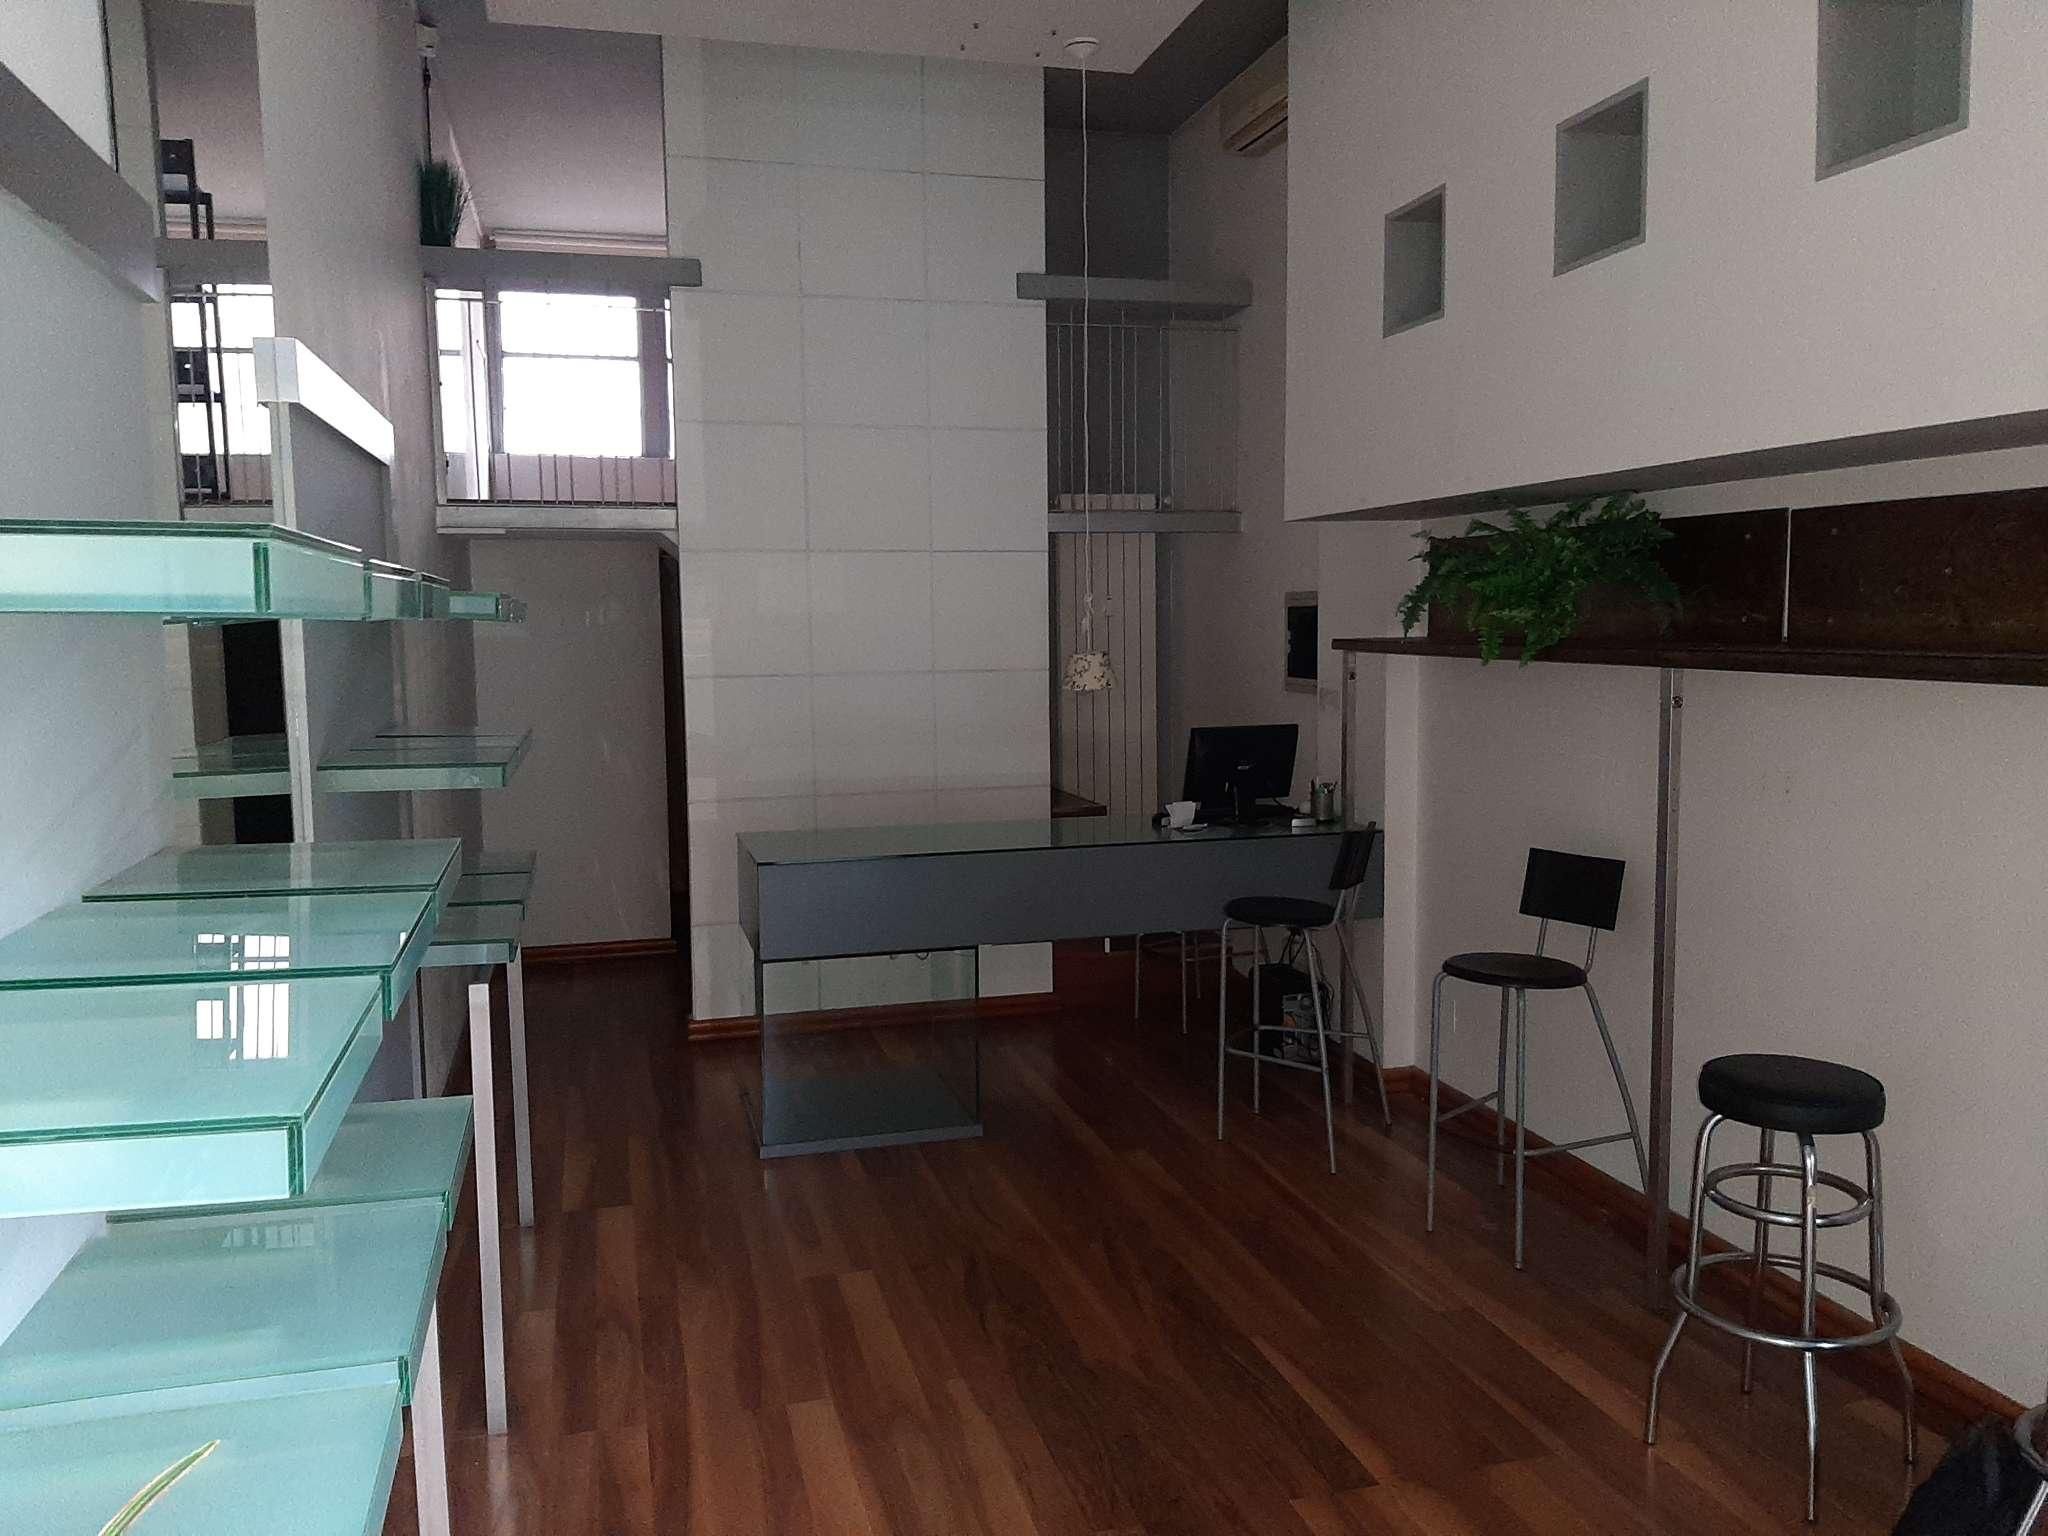 Negozio / Locale in affitto a Magenta, 2 locali, prezzo € 750   PortaleAgenzieImmobiliari.it